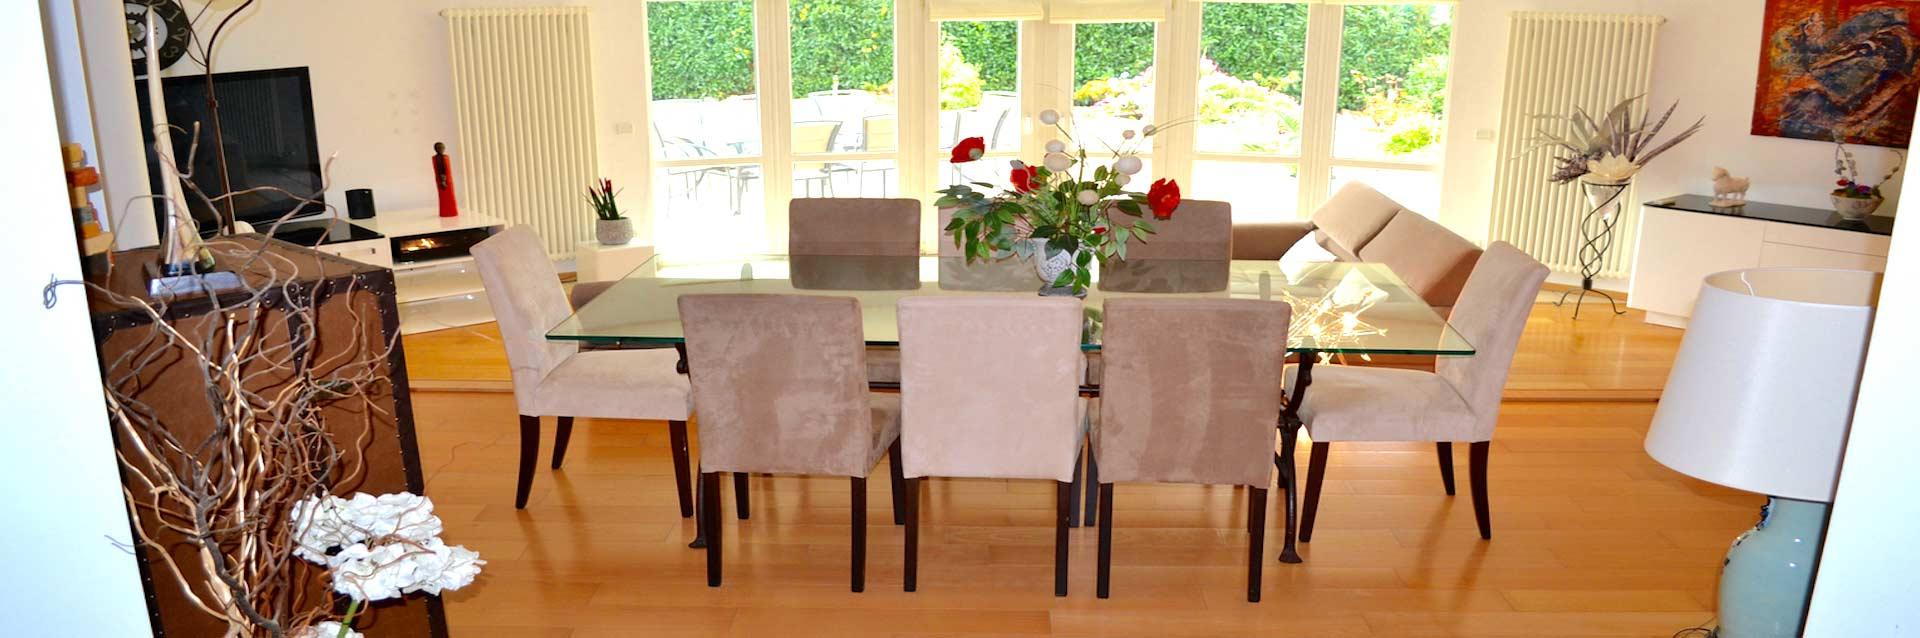 Villa à vendre à Sélestat 67600 Piscine